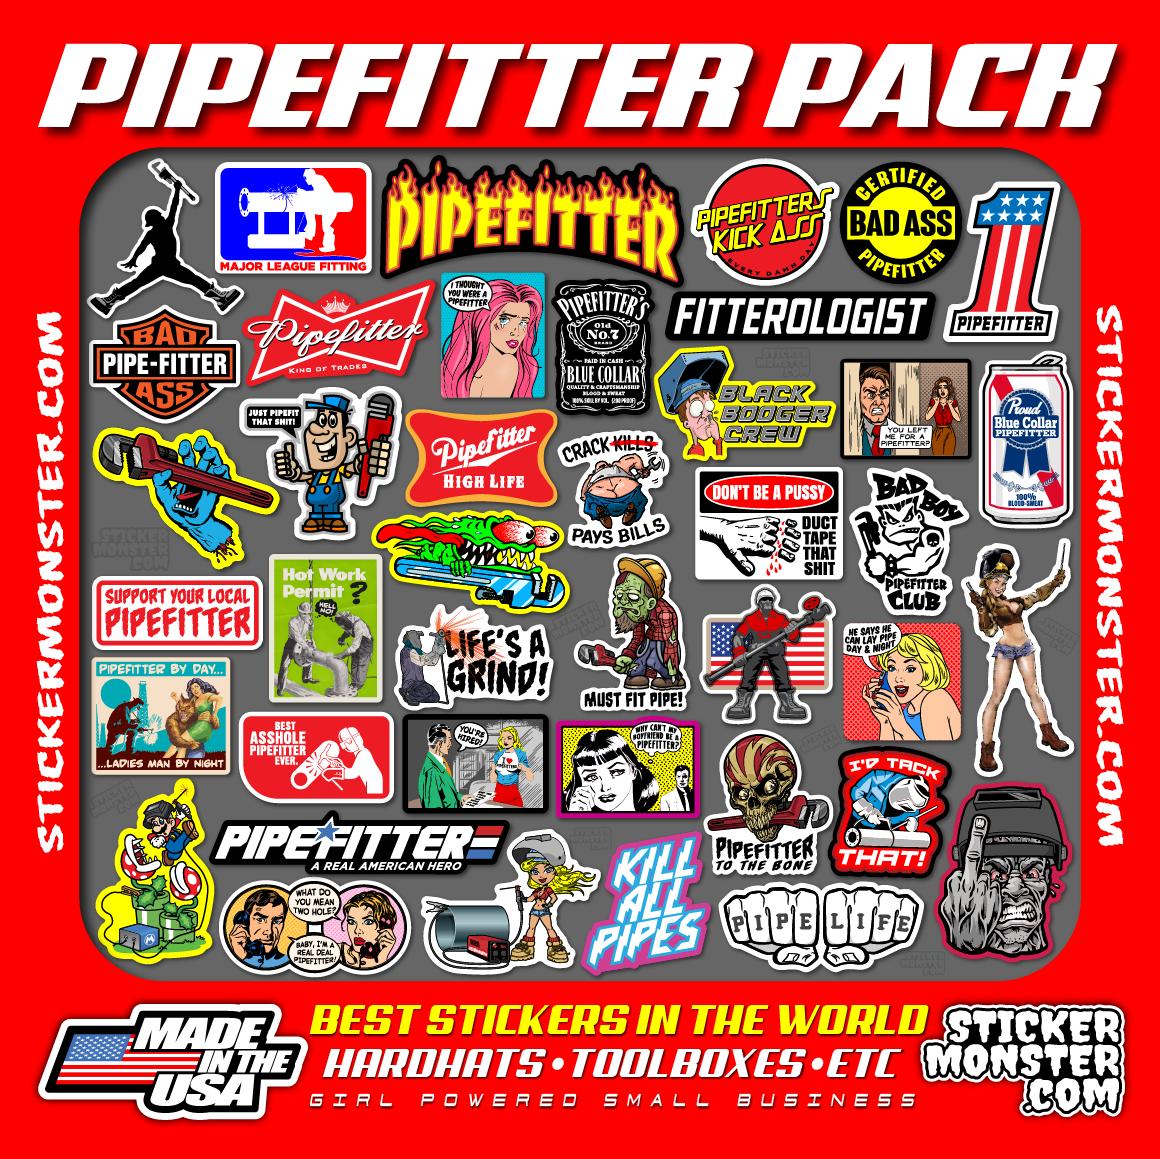 Home Decoration - PIPEFITTER WELDER (40) Hard Hat Stickers HardHat Sticker & Decals, Welding Hood